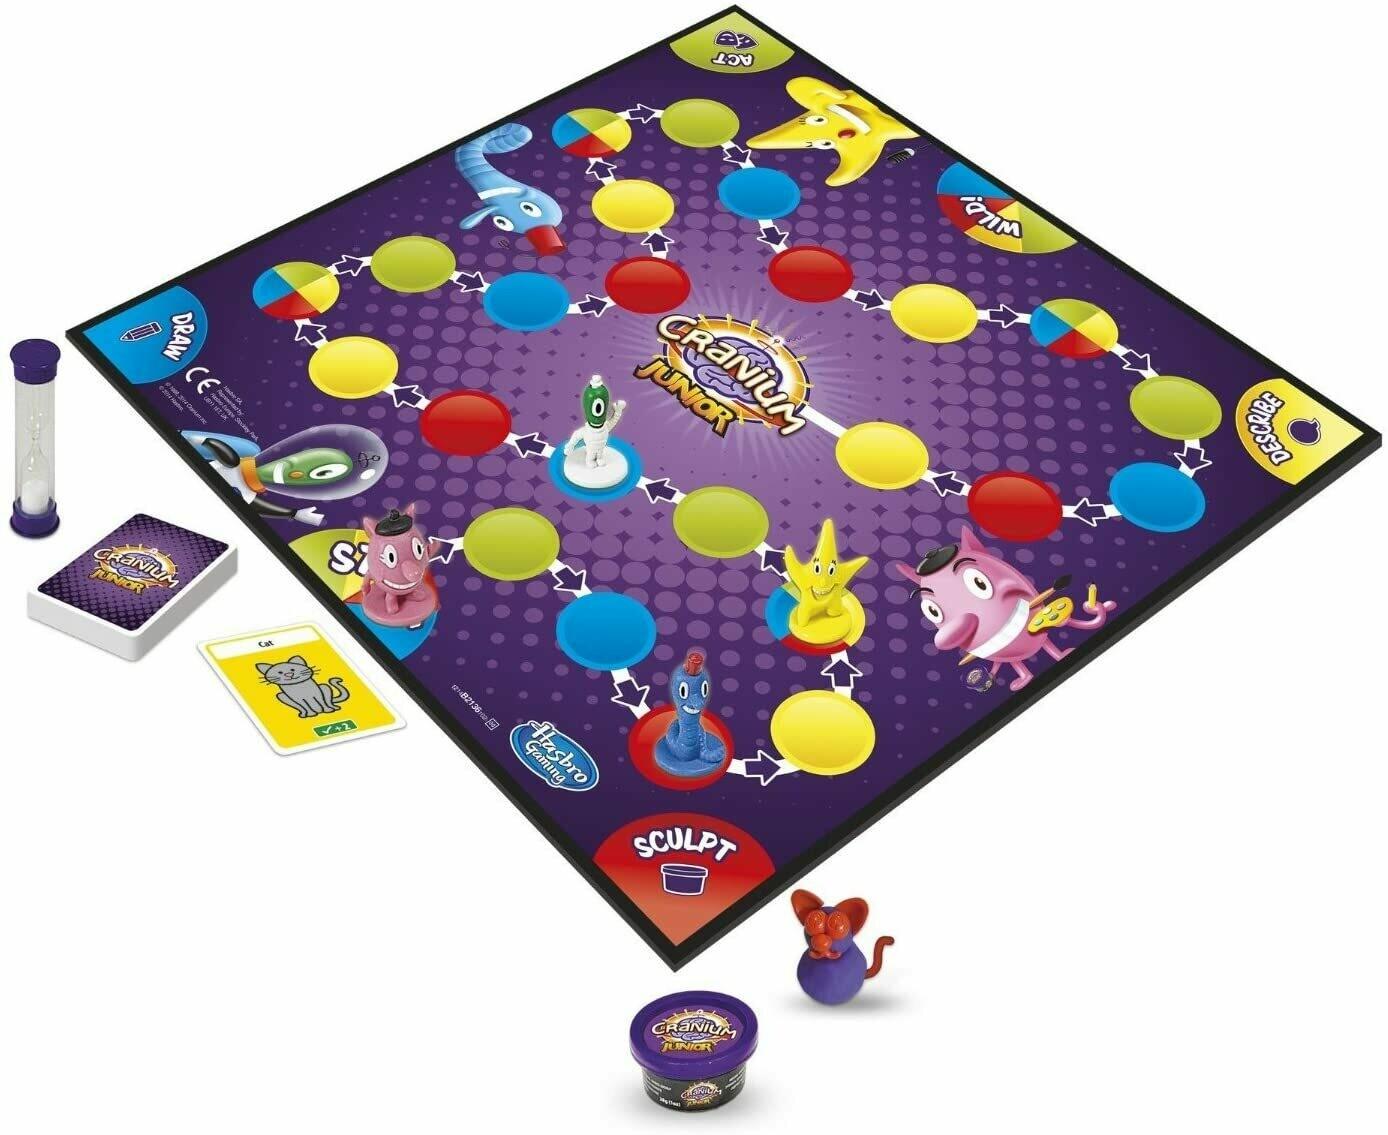 Hasbro - Juegos Hasbro Cranium Junior